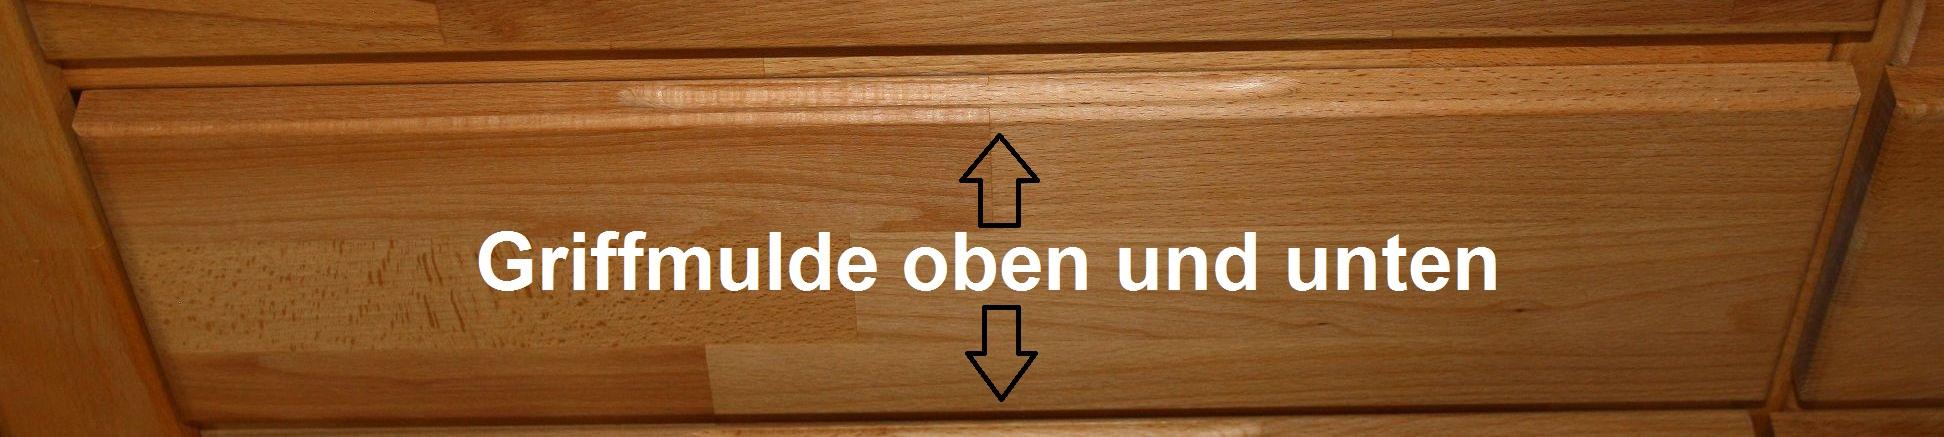 highboard xl kerneiche massiv ge lt 2211 elfo m bel delft sylt massivholz. Black Bedroom Furniture Sets. Home Design Ideas